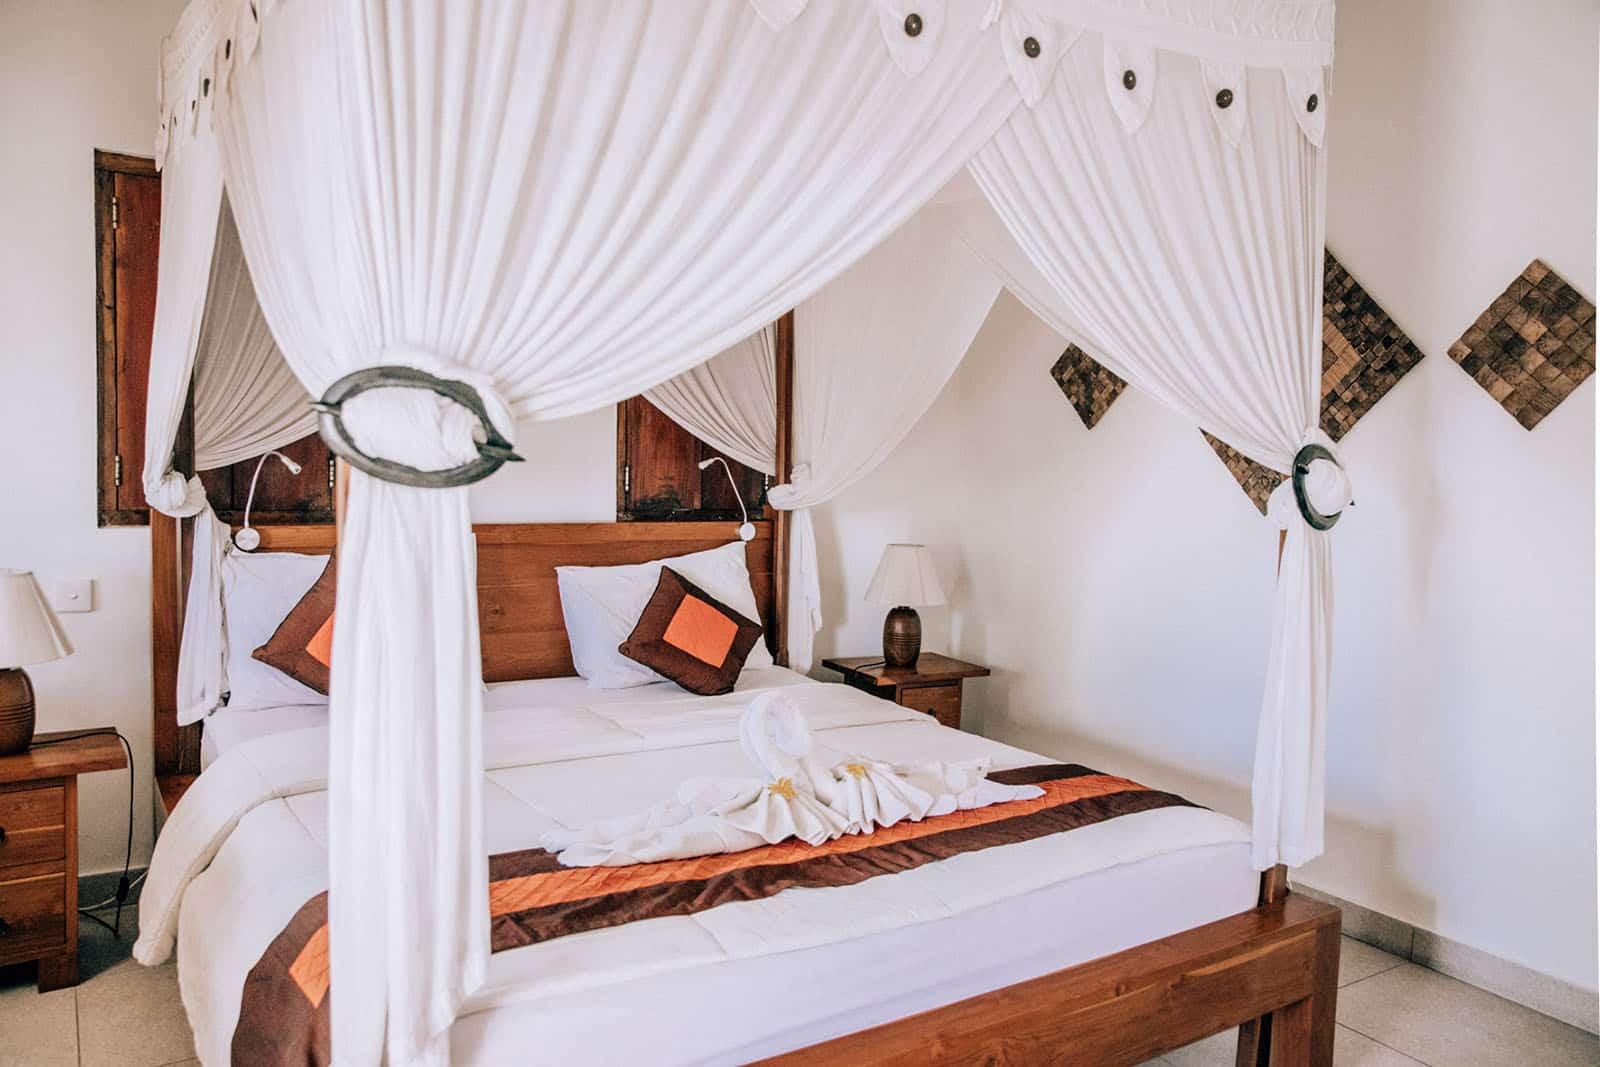 ID5A7285 - Voyage à Bali : Itinéraire, activités et hôtels